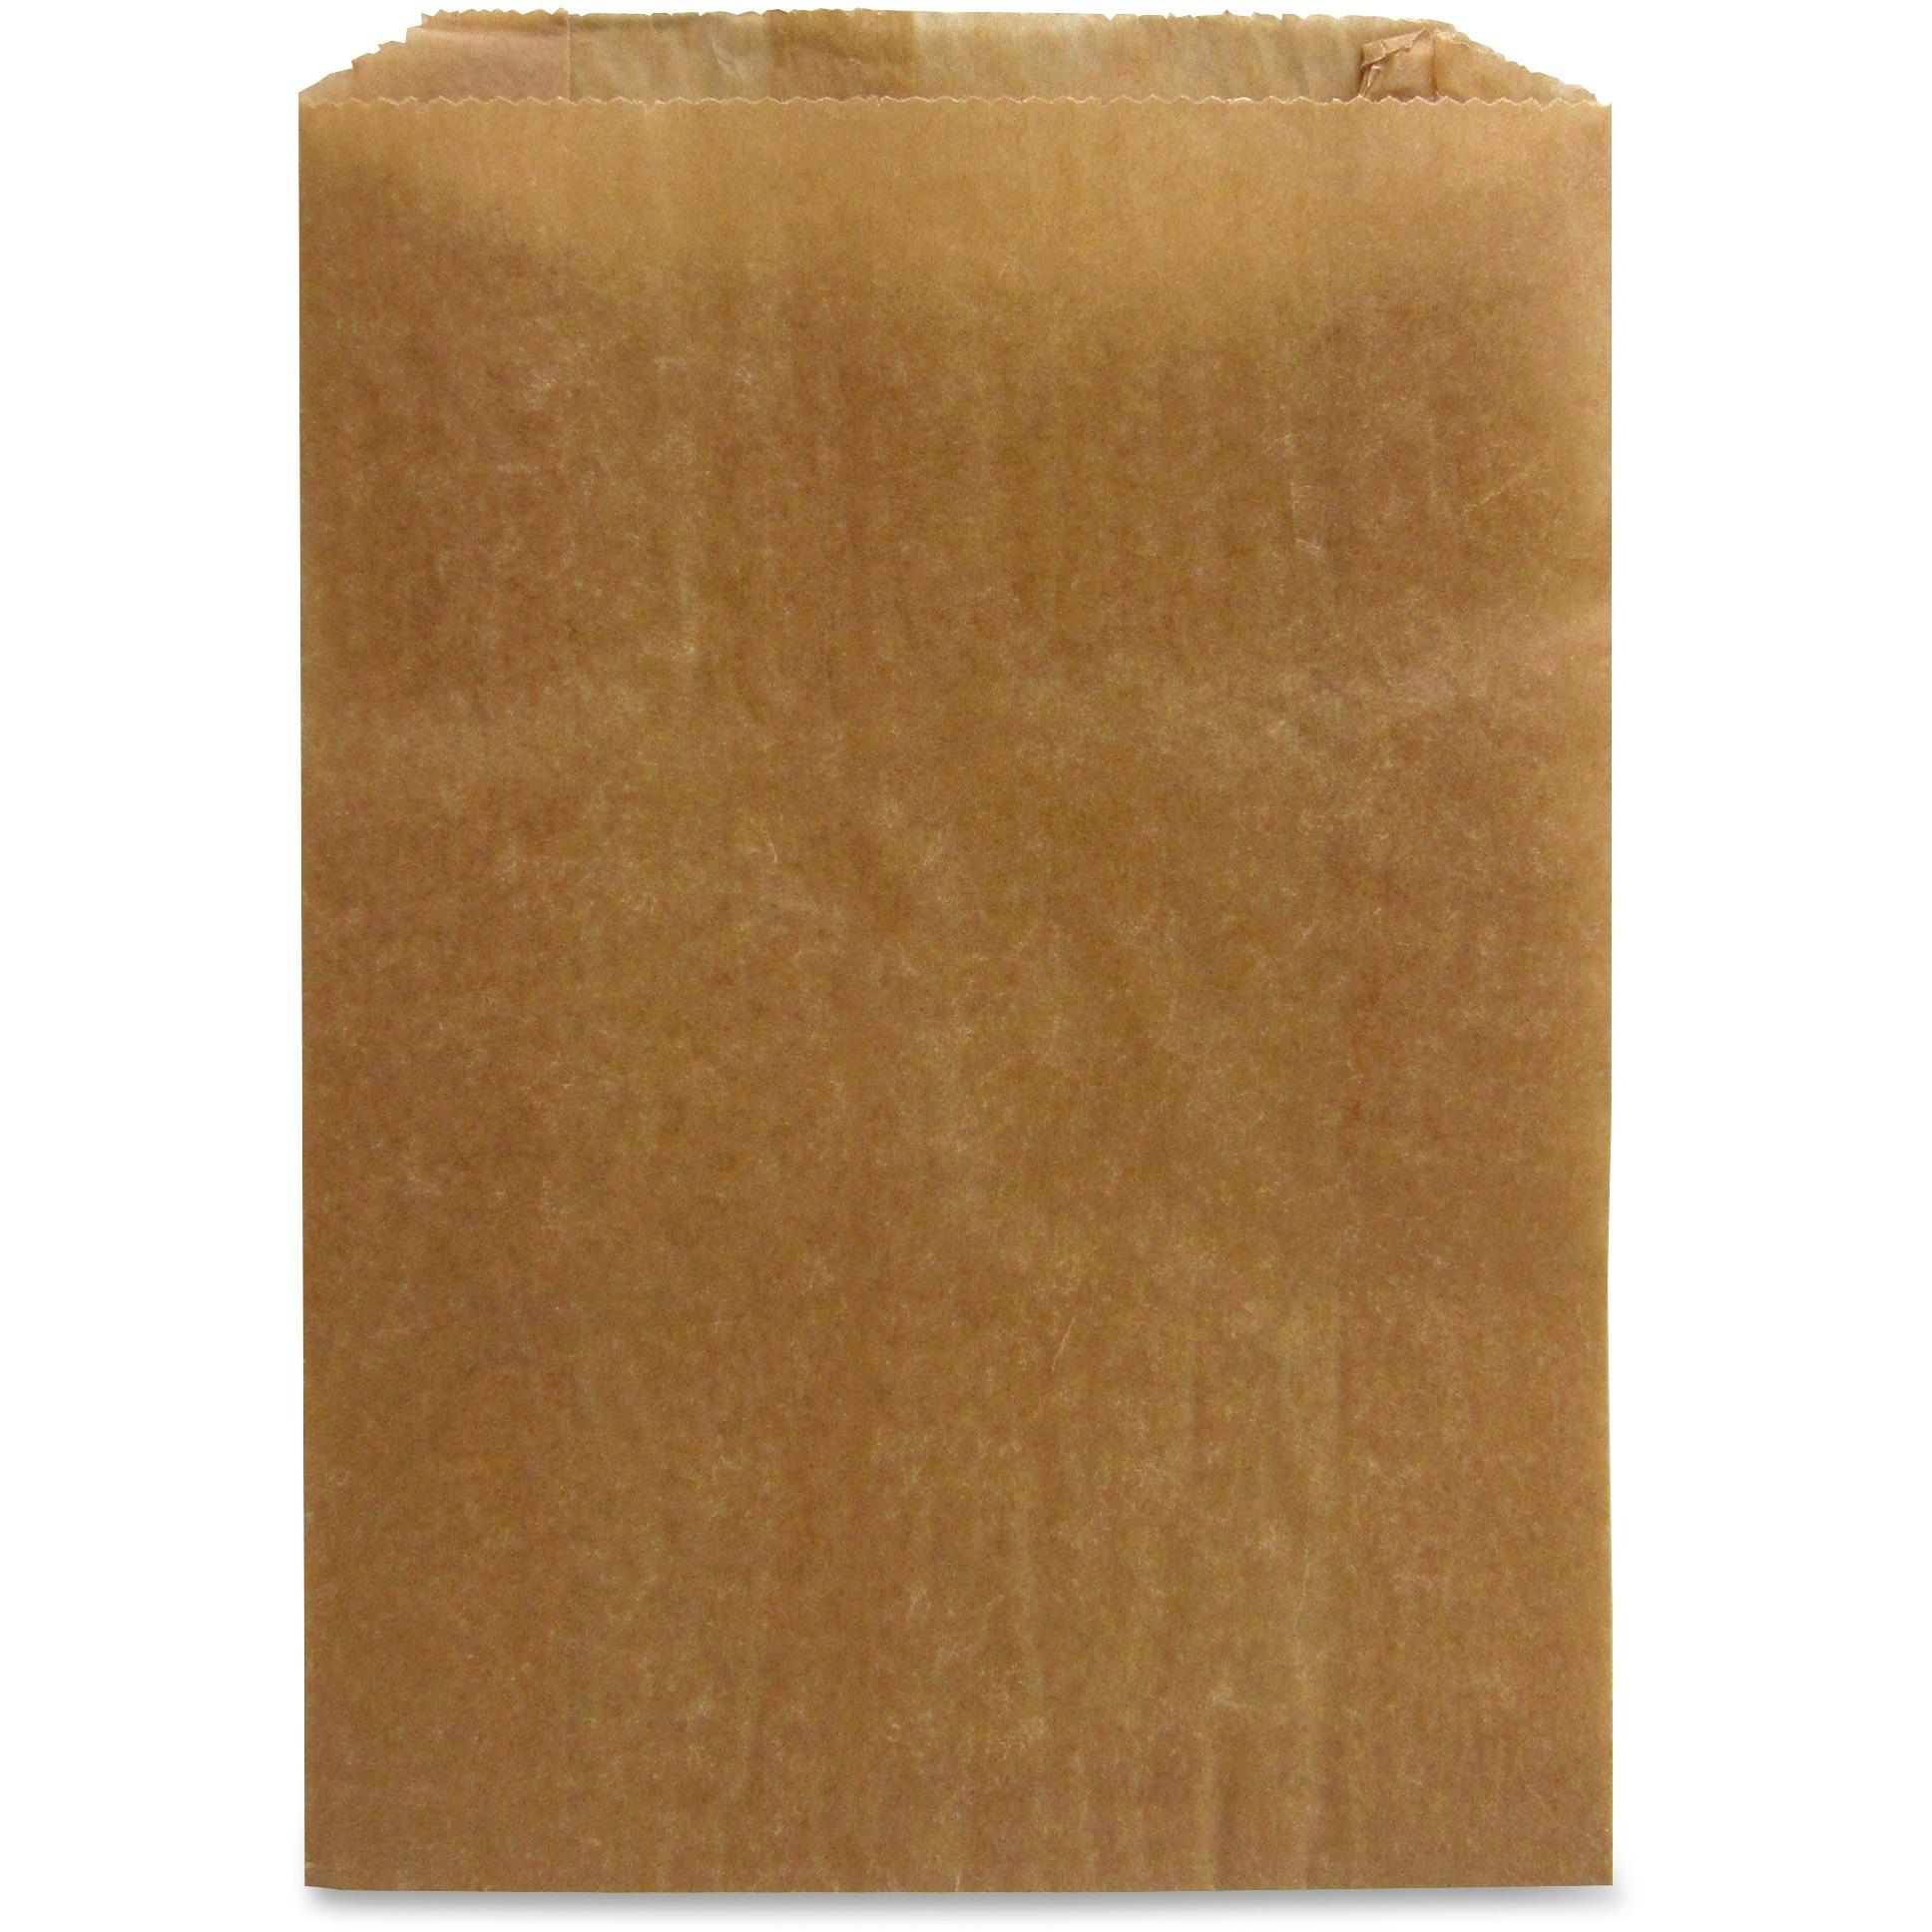 Hospeco, HOSKL, Receptacle Liners, 500 / Carton